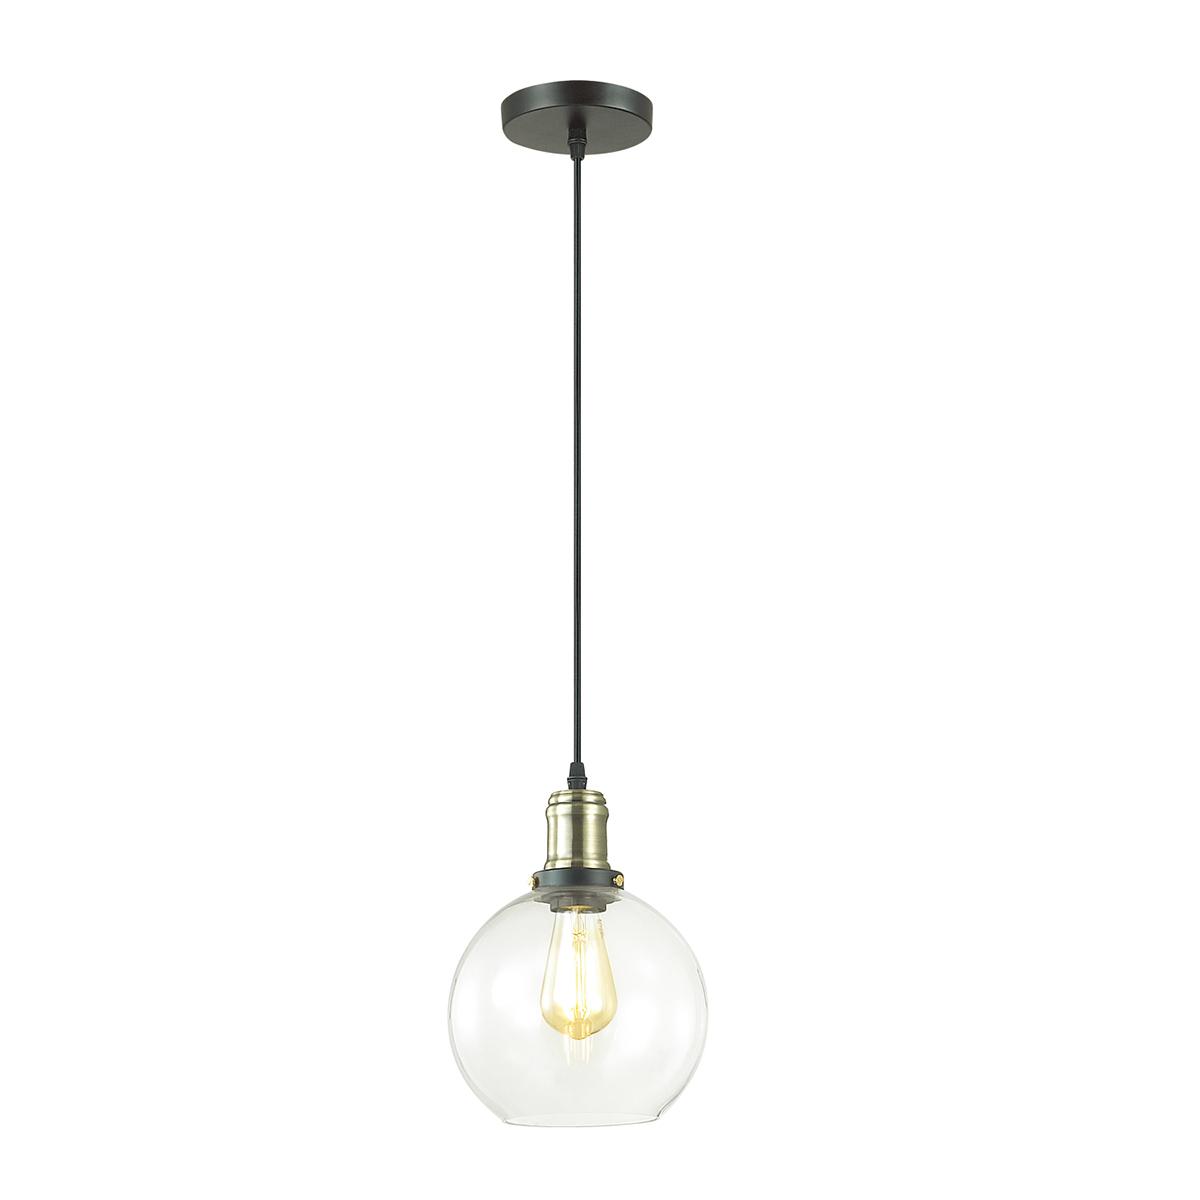 Подвесной светильник Lumion Suspentioni Kit 3684/1, 1xE27x60W, черный, бронза, прозрачный, металл, стекло - фото 1